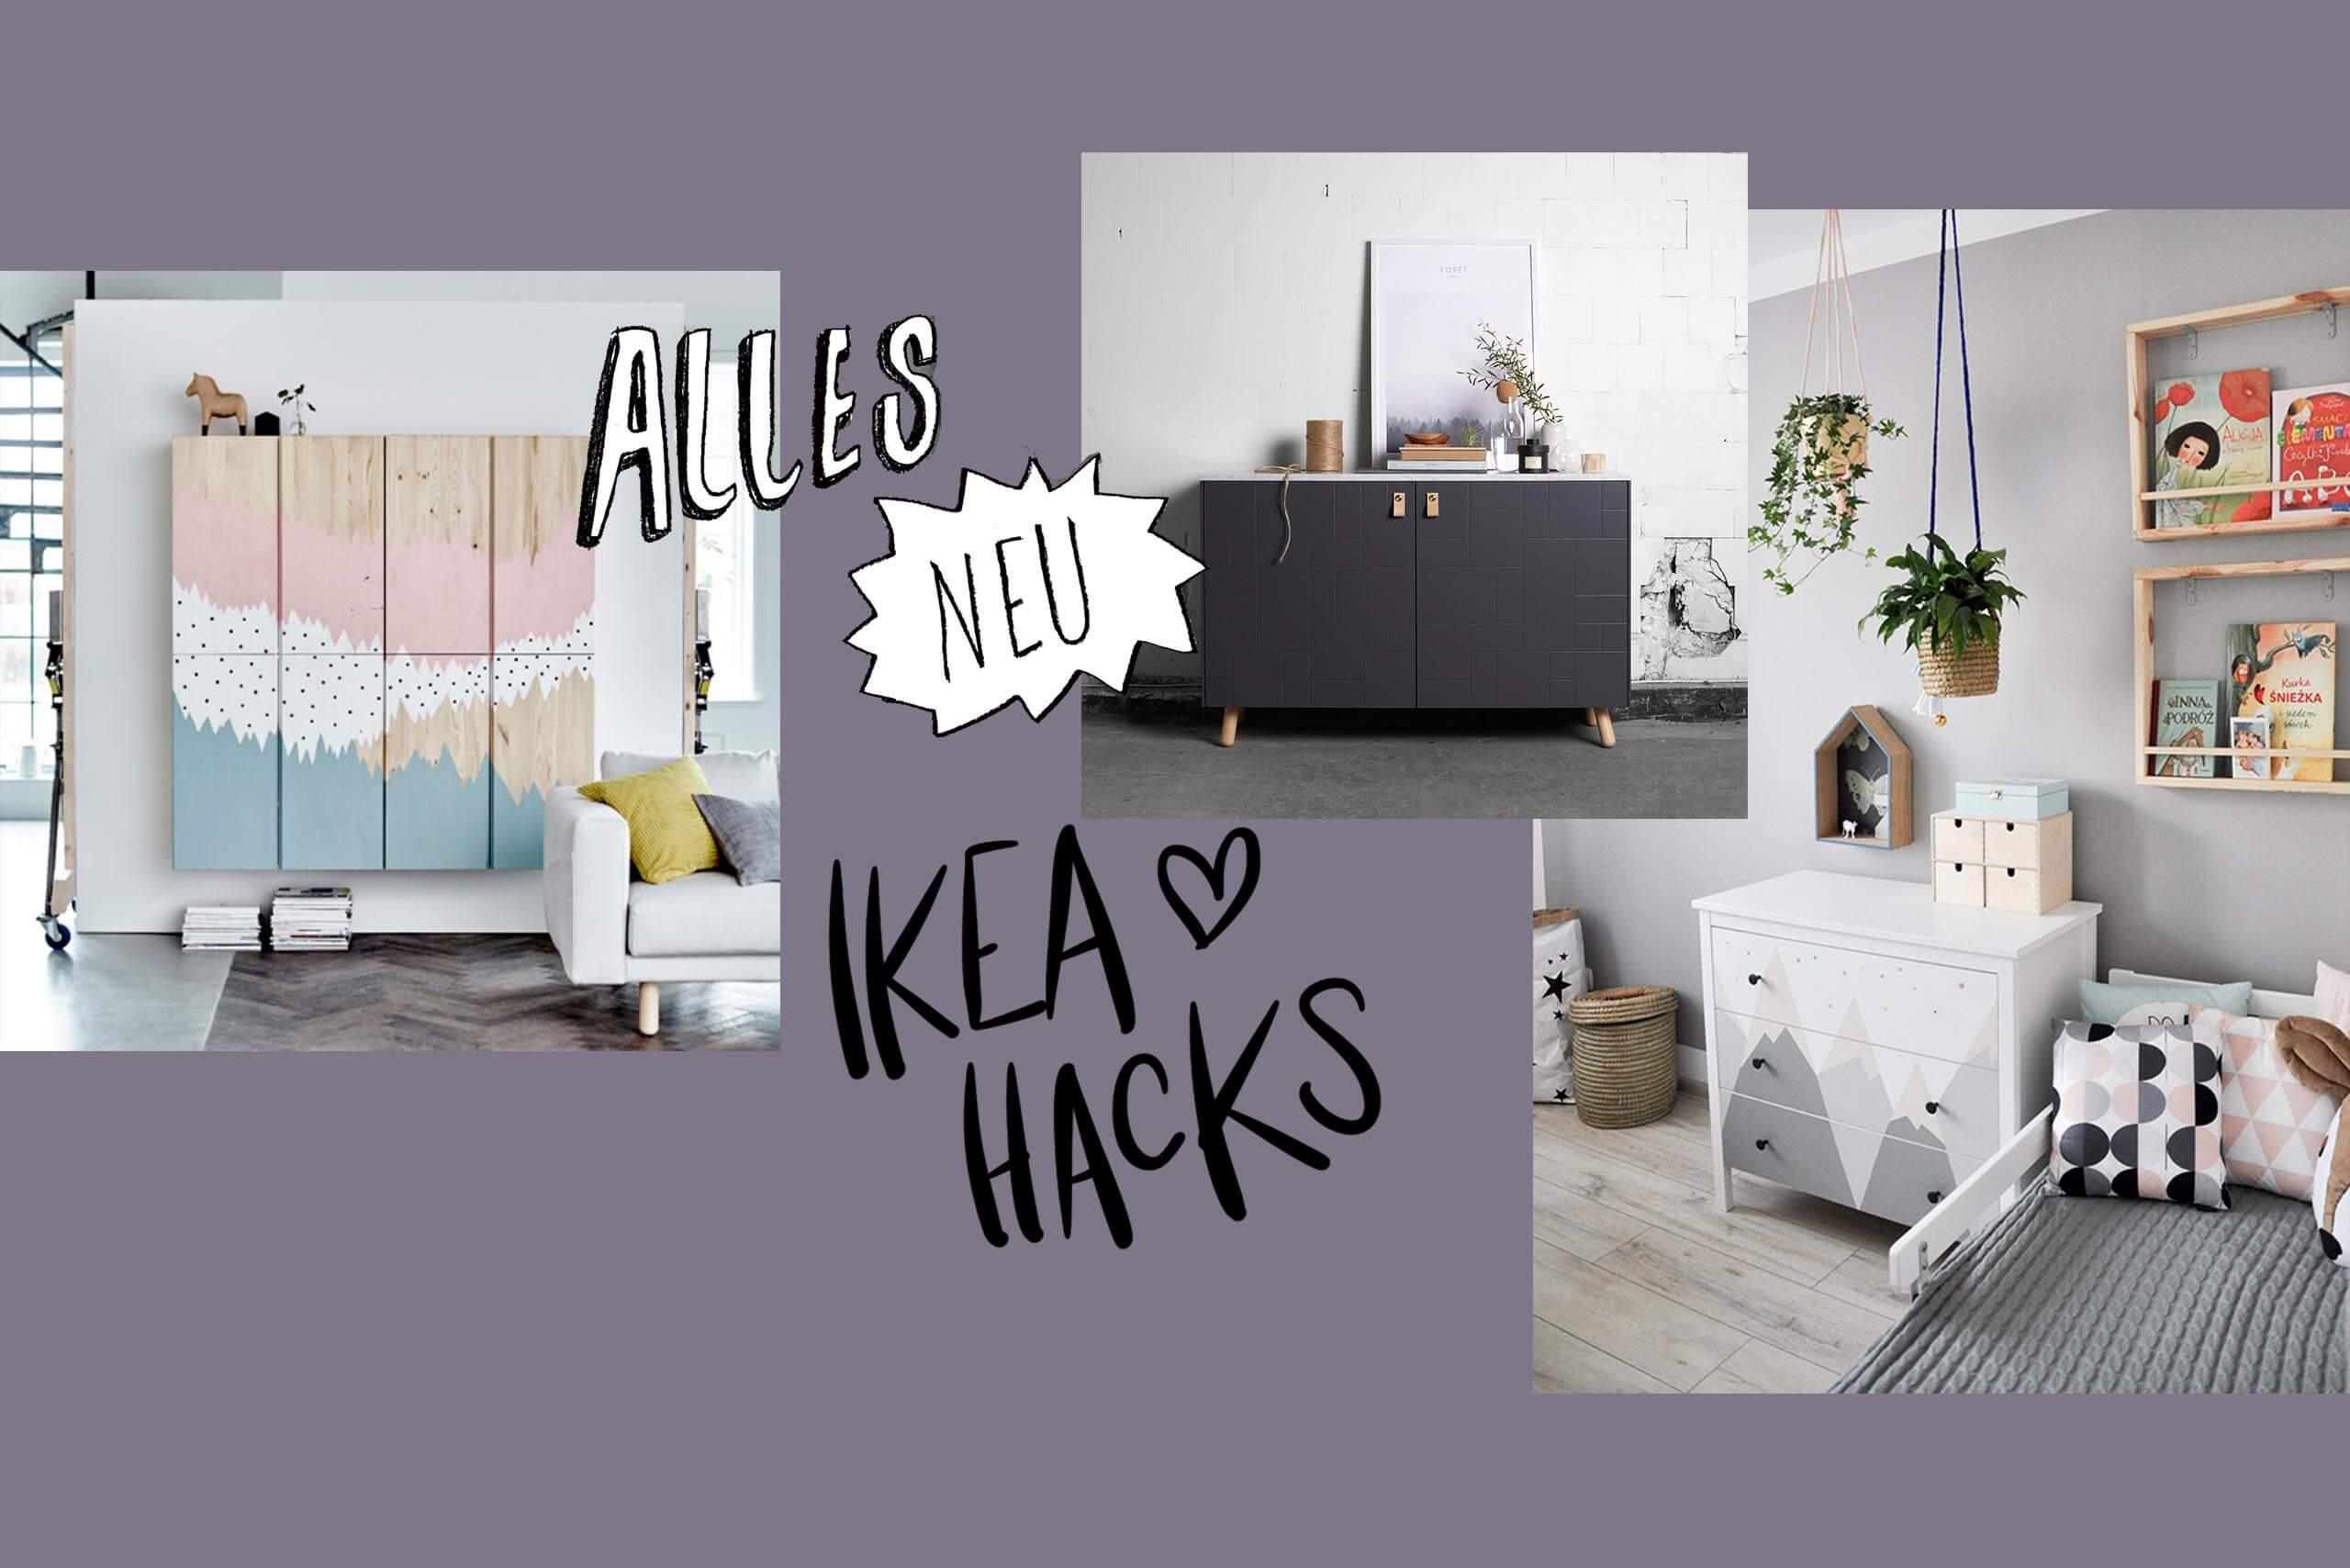 Full Size of Update 11 Besten Ikea Hacks Im Netz Newniq Interior Blog Modulküche Küche Kosten Betten 160x200 Kaufen Bei Sofa Mit Schlaffunktion Miniküche Wohnzimmer Ikea Hacks